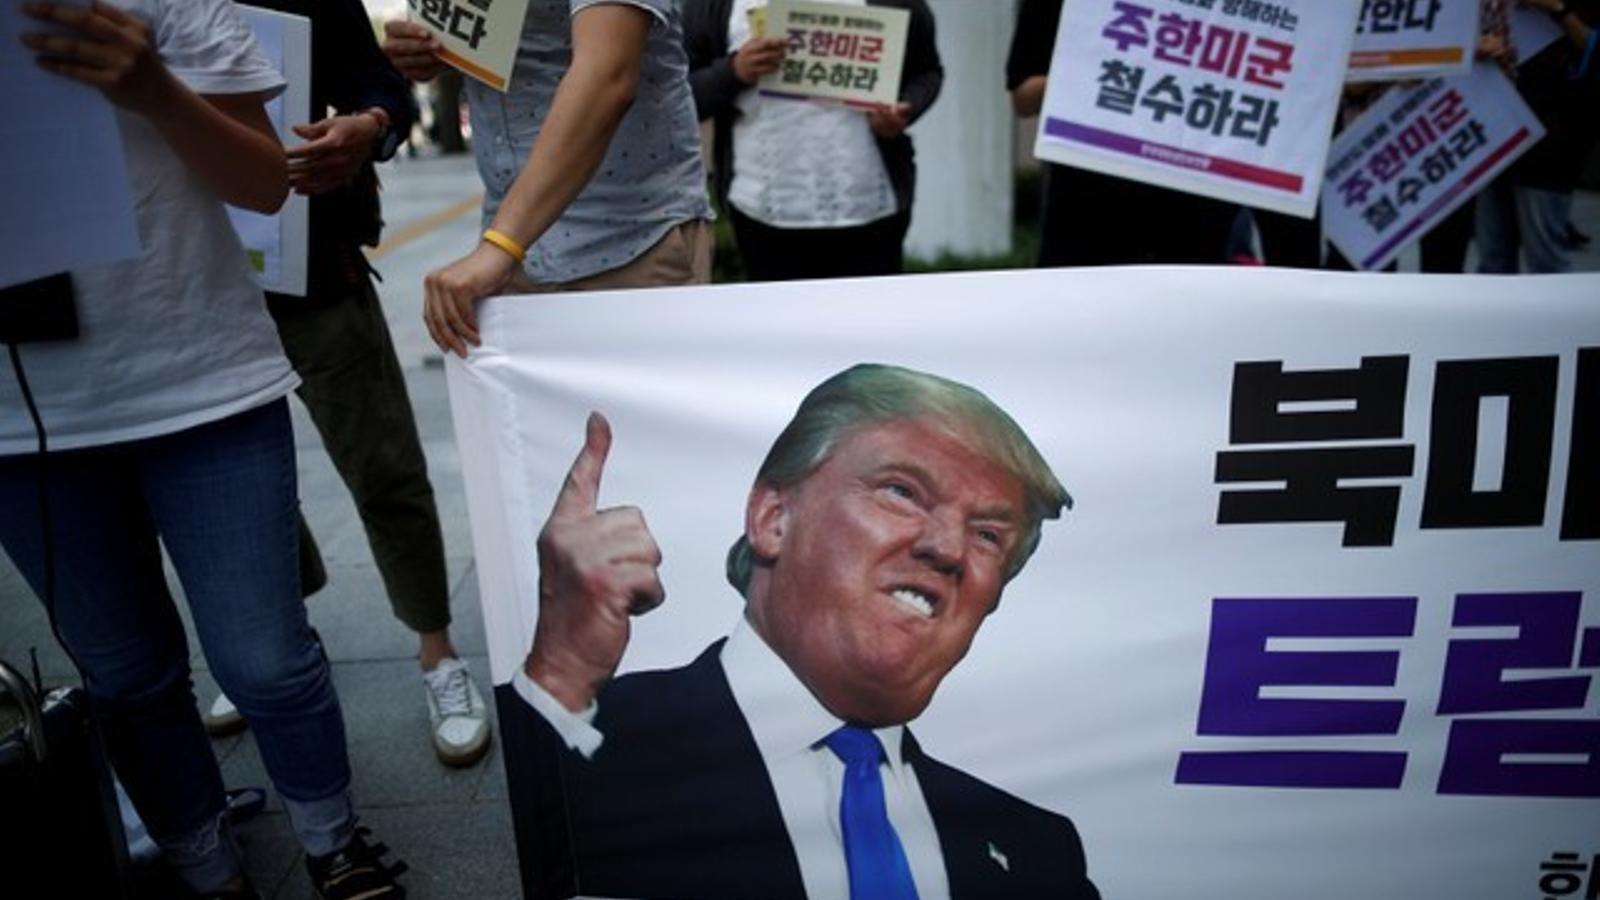 manifestació anti-Trump davant de l'embaixada dels EUA a Seül